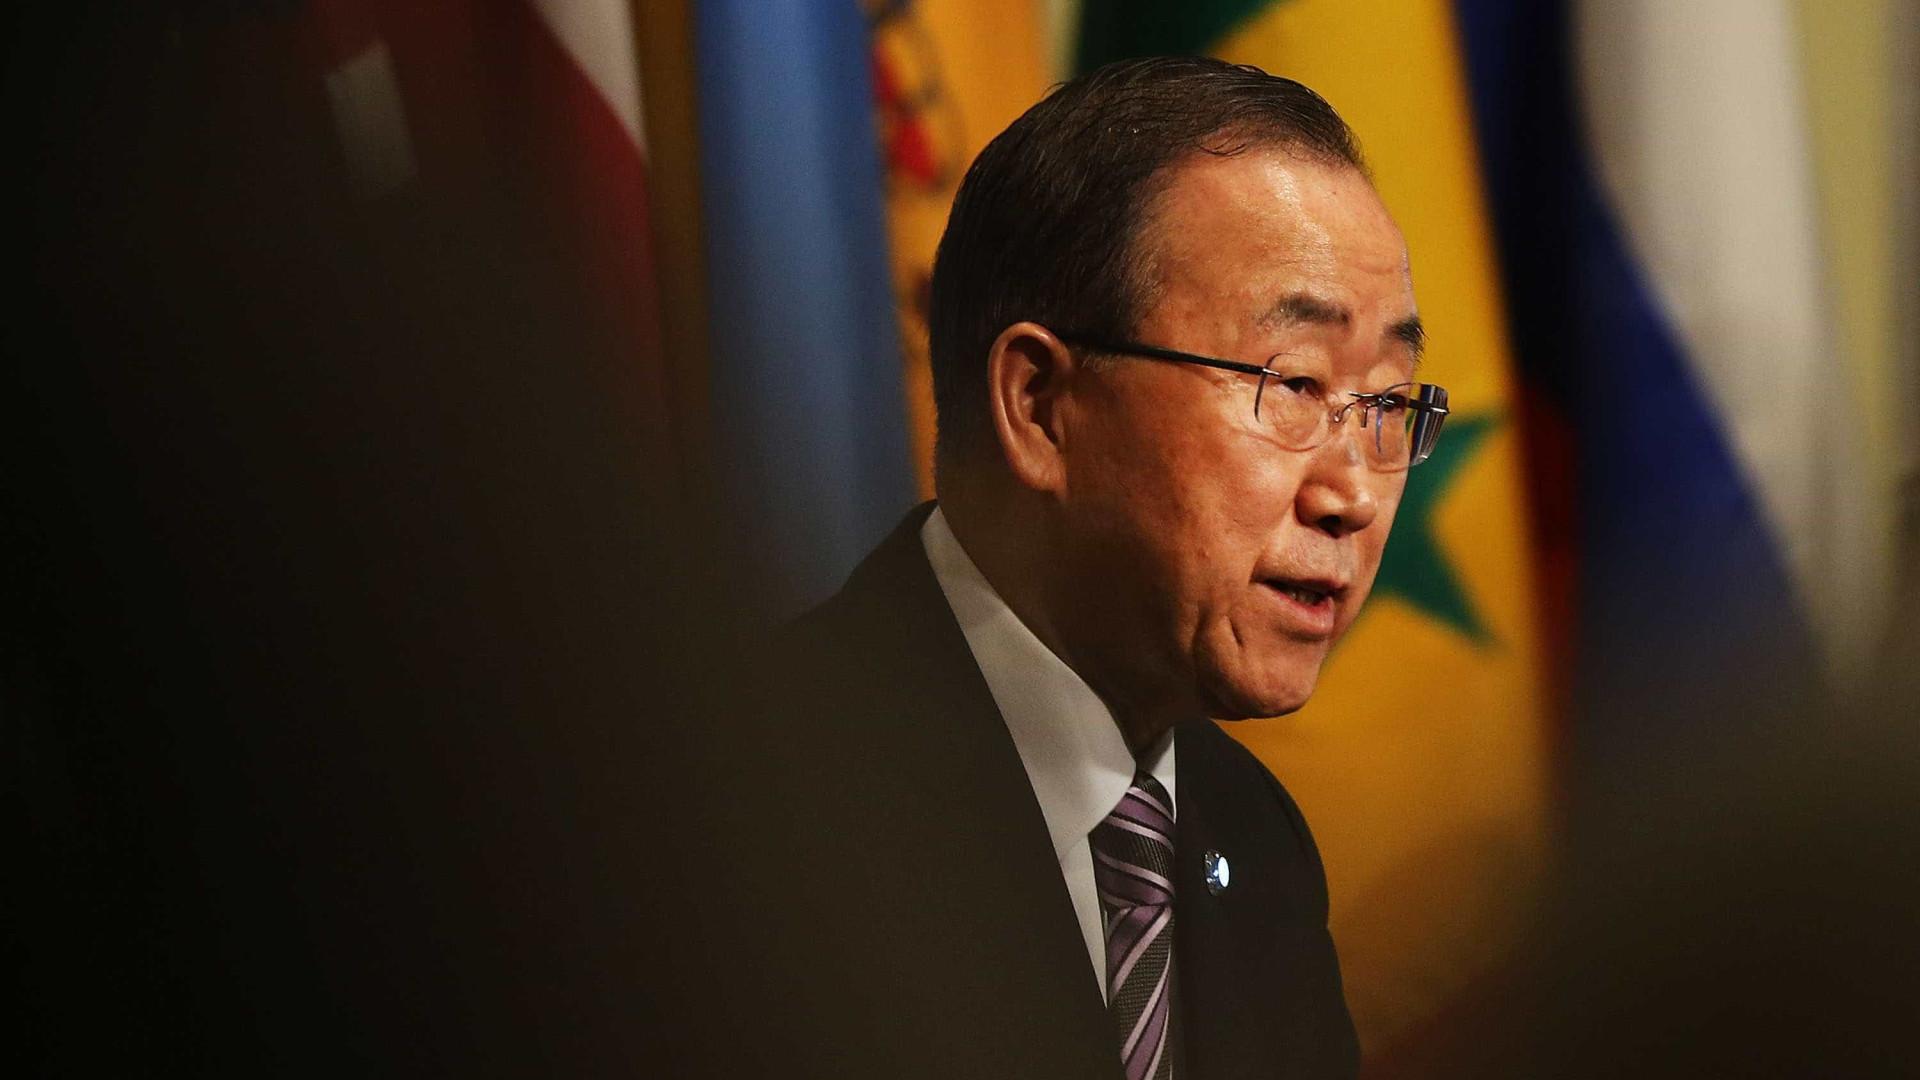 Ban Ki-moon pede desculpa aos haitianos pelo surto de cólera de 2010